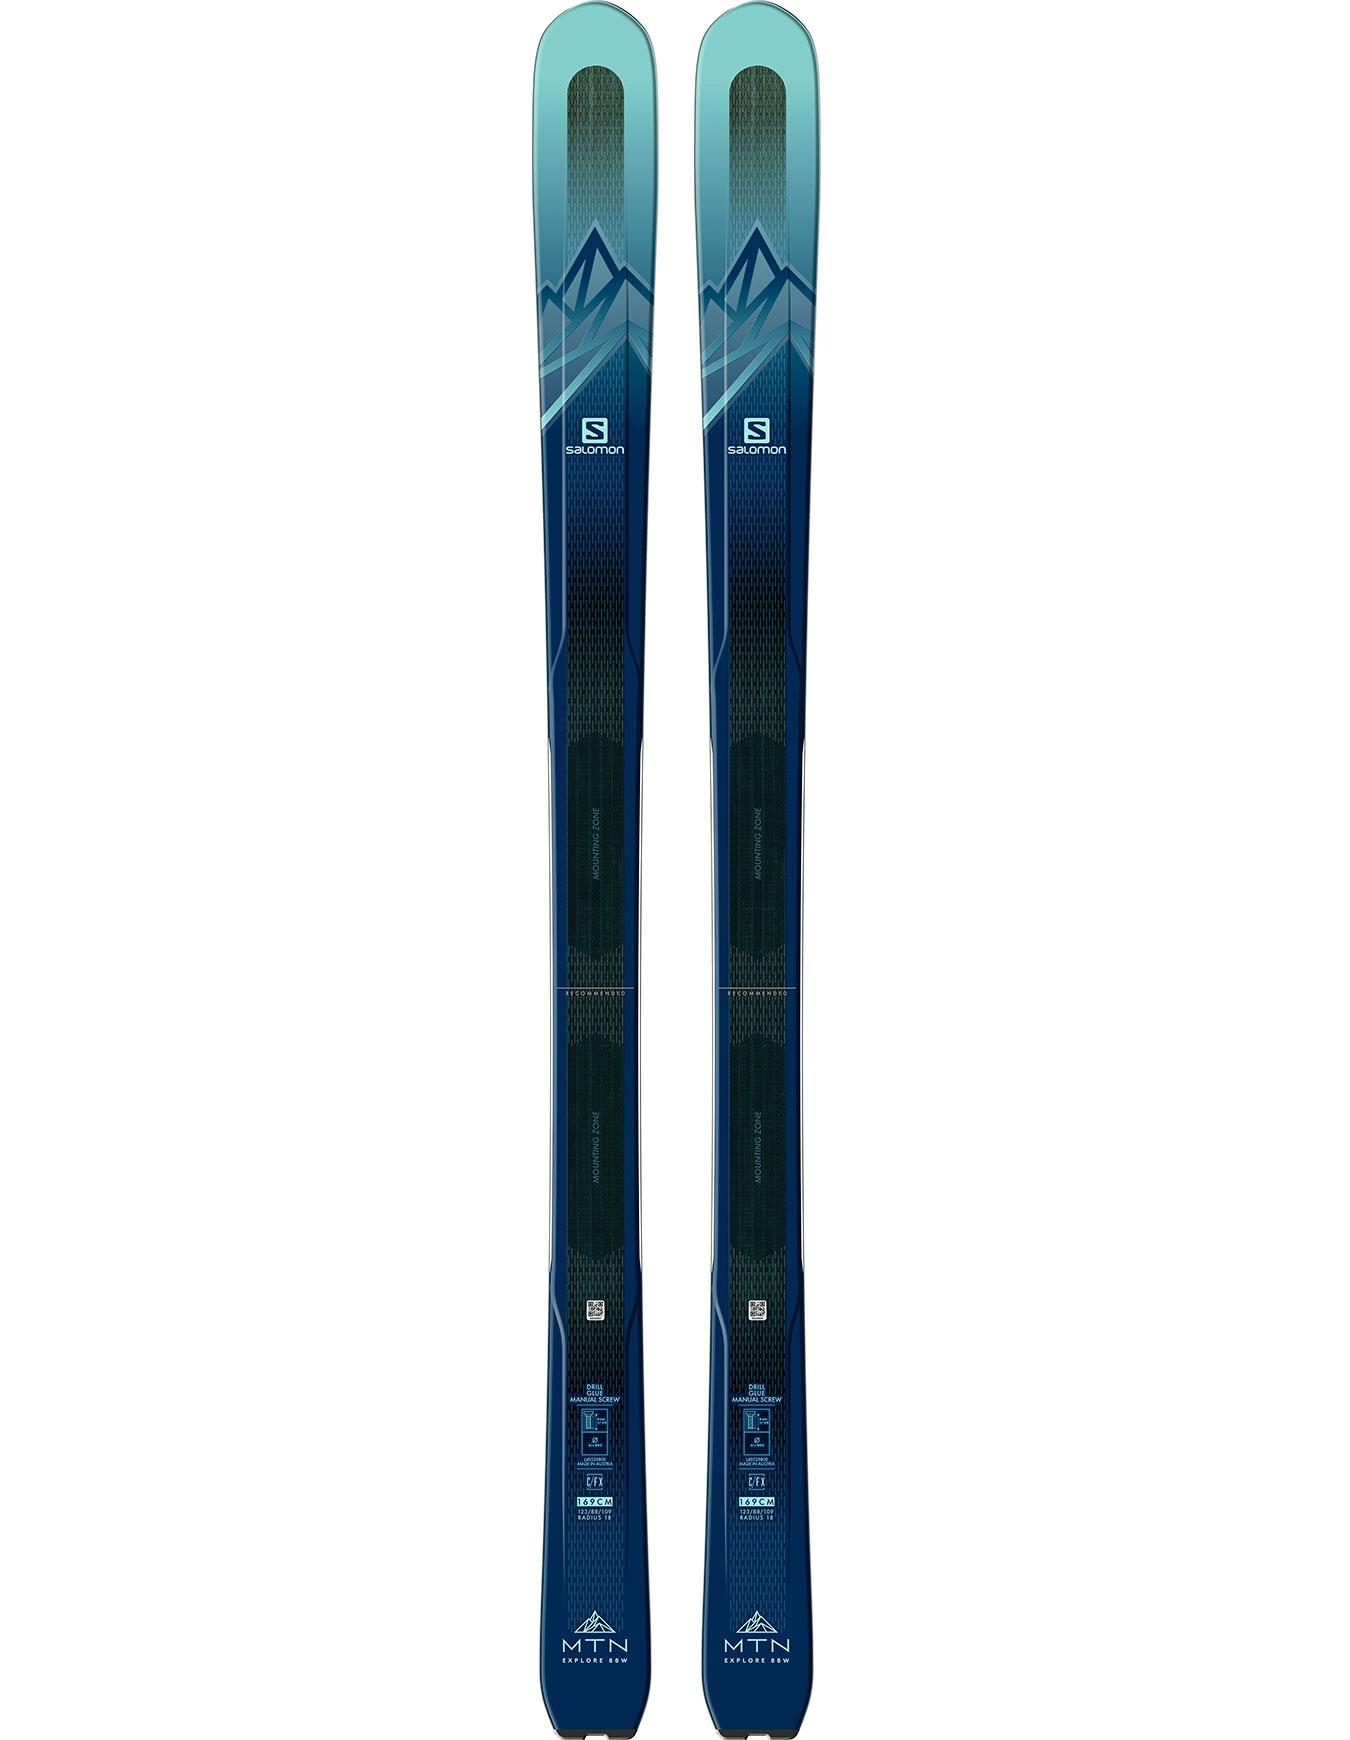 Bottes de ski de haute route Salomon MTN Explore | Magasins